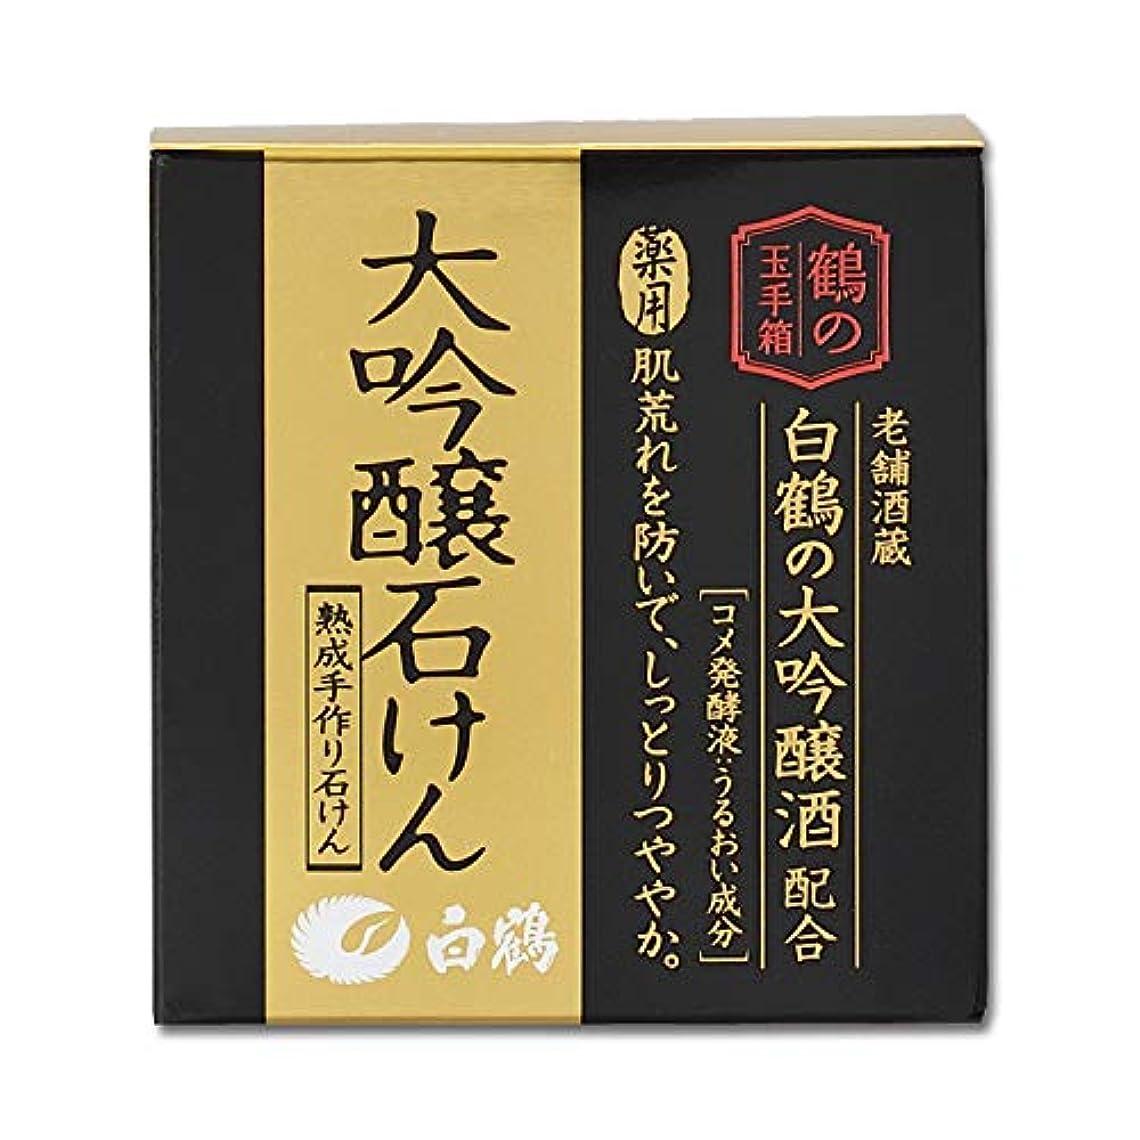 スパーク哀トリップ白鶴 鶴の玉手箱 薬用 大吟醸石けん 100g (医薬部外品)